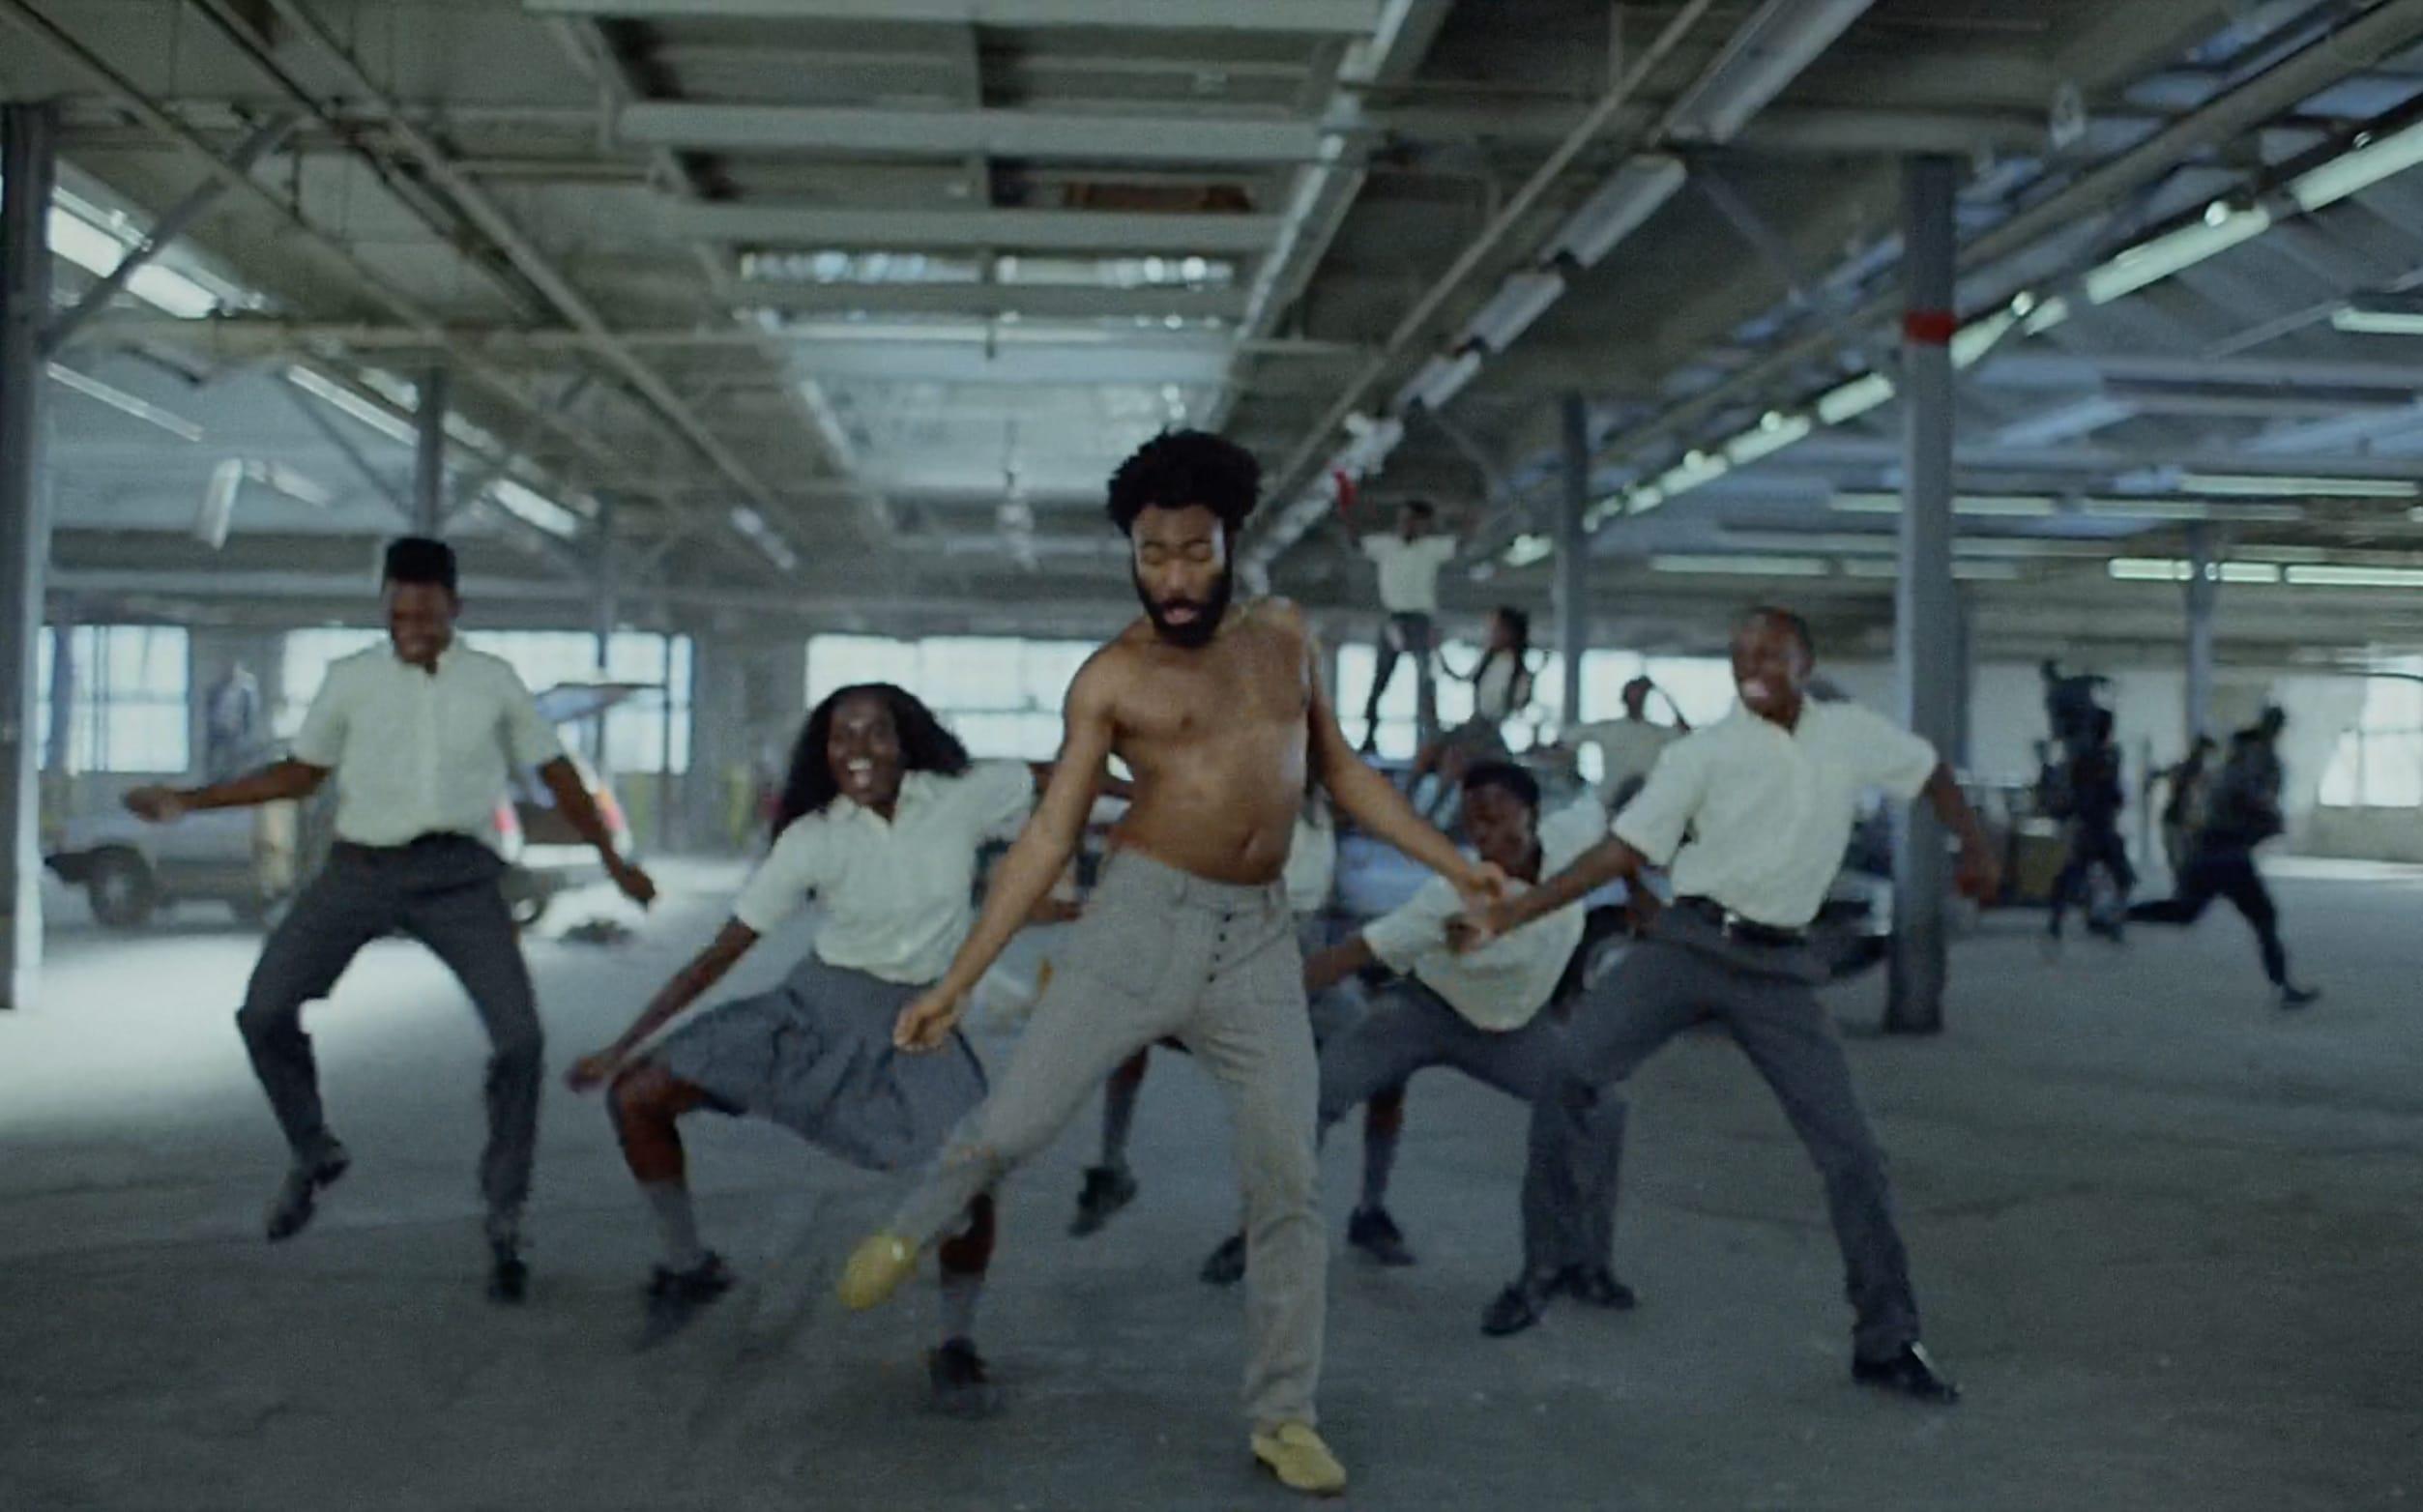 childish-gambino-dance-choreography-3